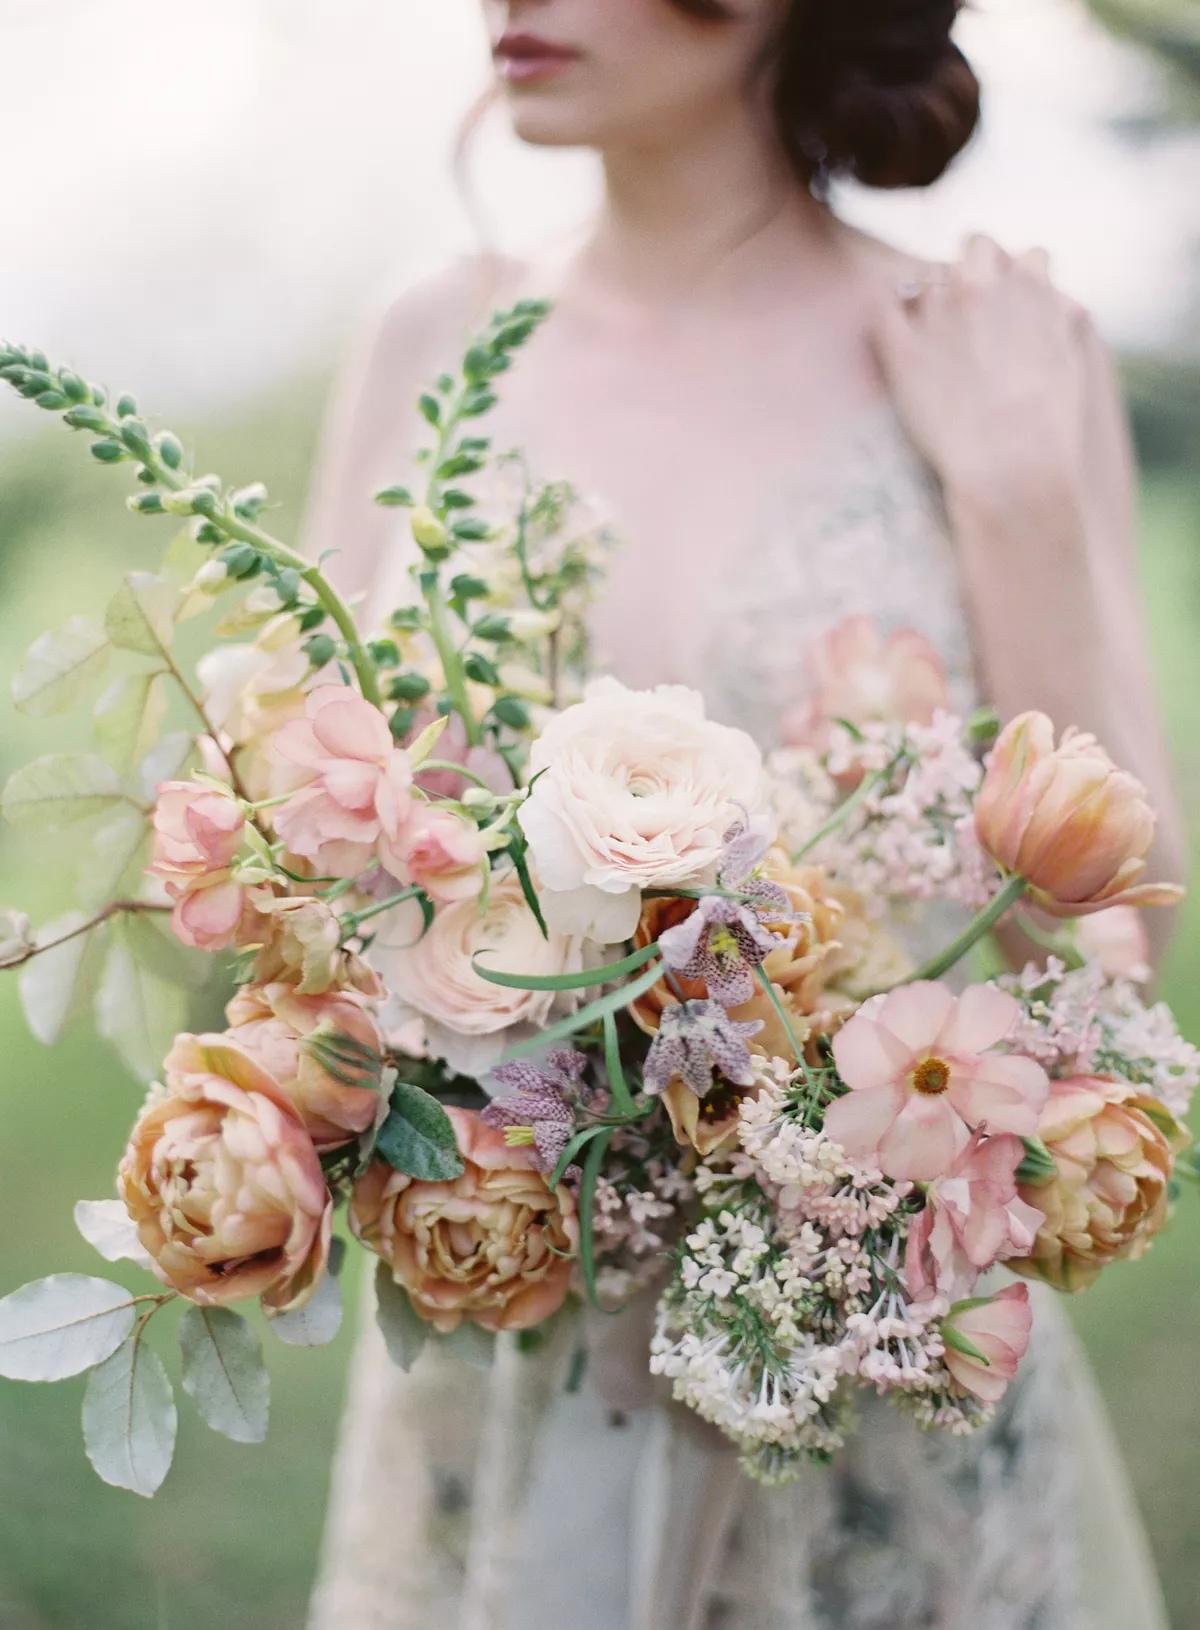 o1gEz fhJc0 - Букет невесты из тюльпанов